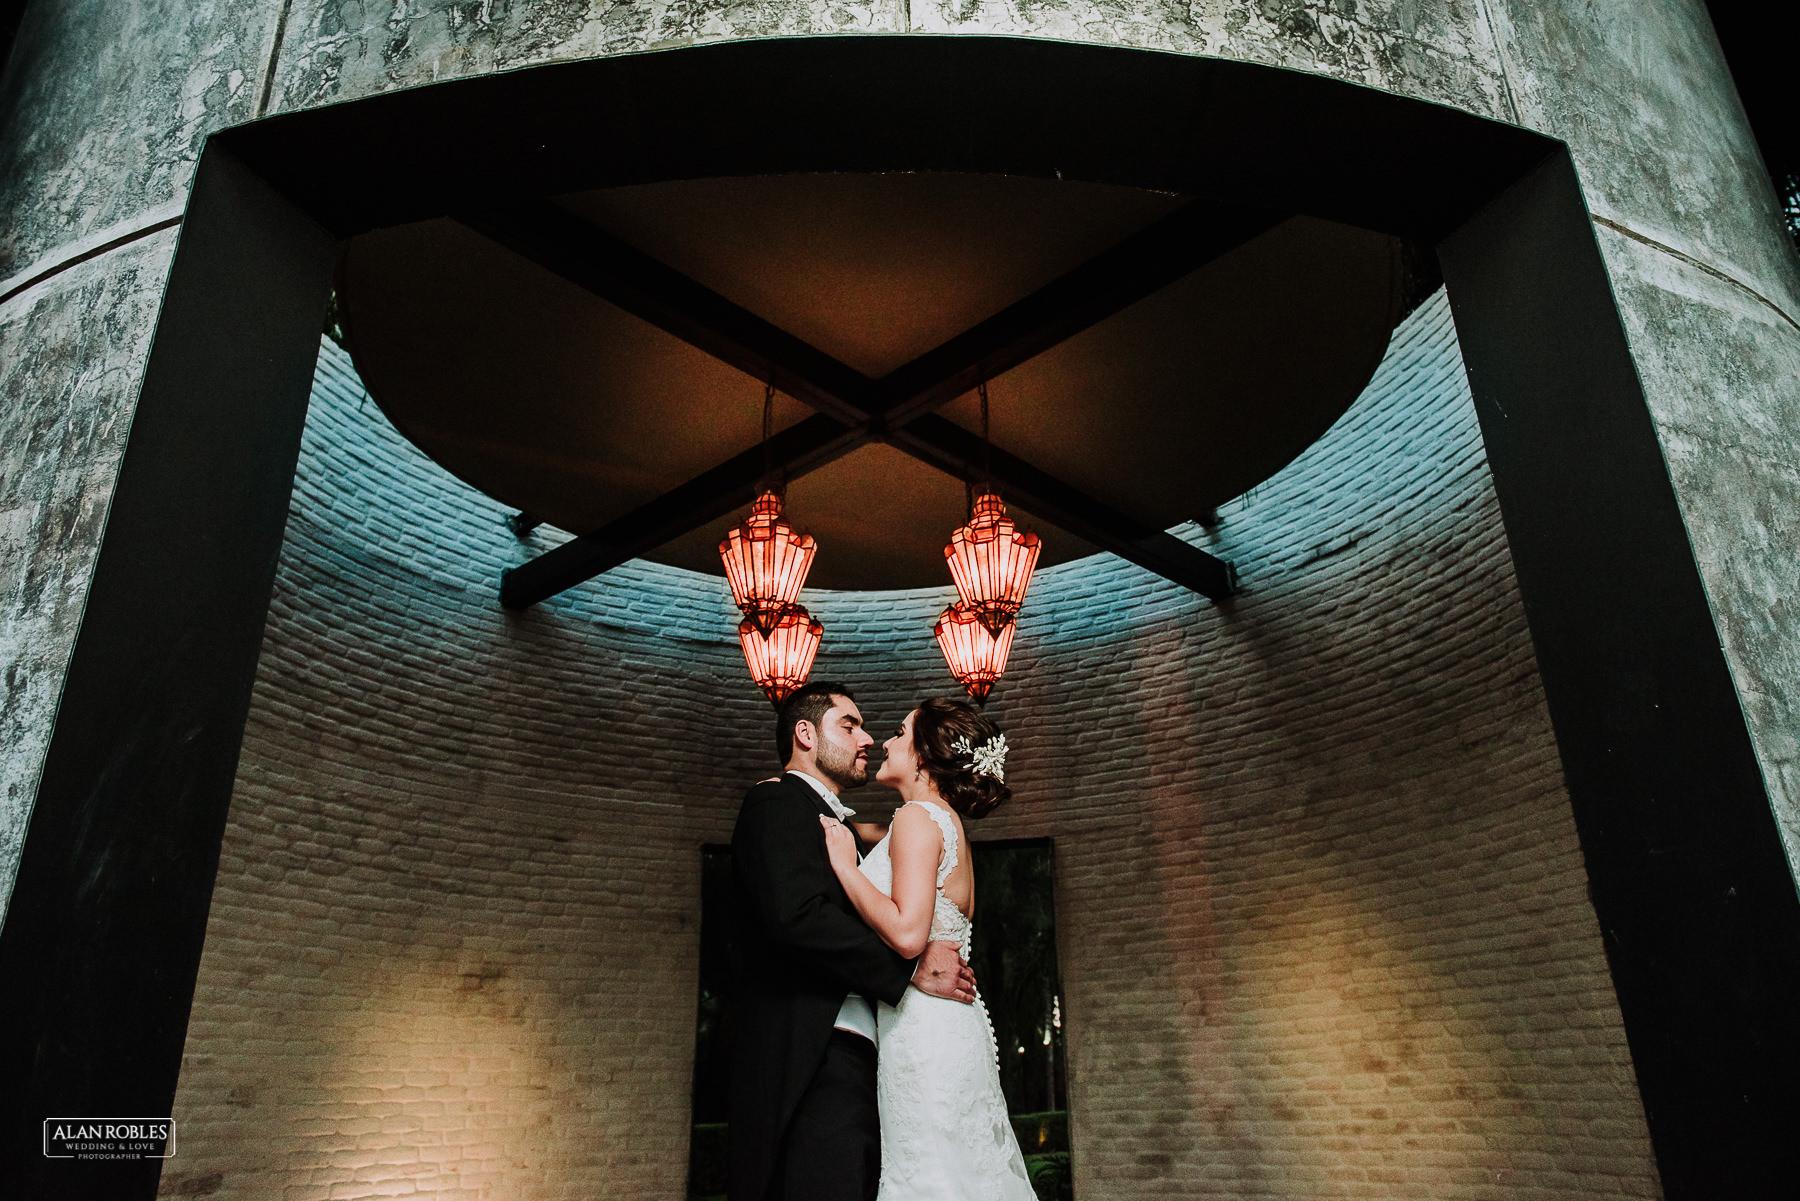 Fotografo de bodas Alan Robles-Casa Clementina Guadalajara DyA-42